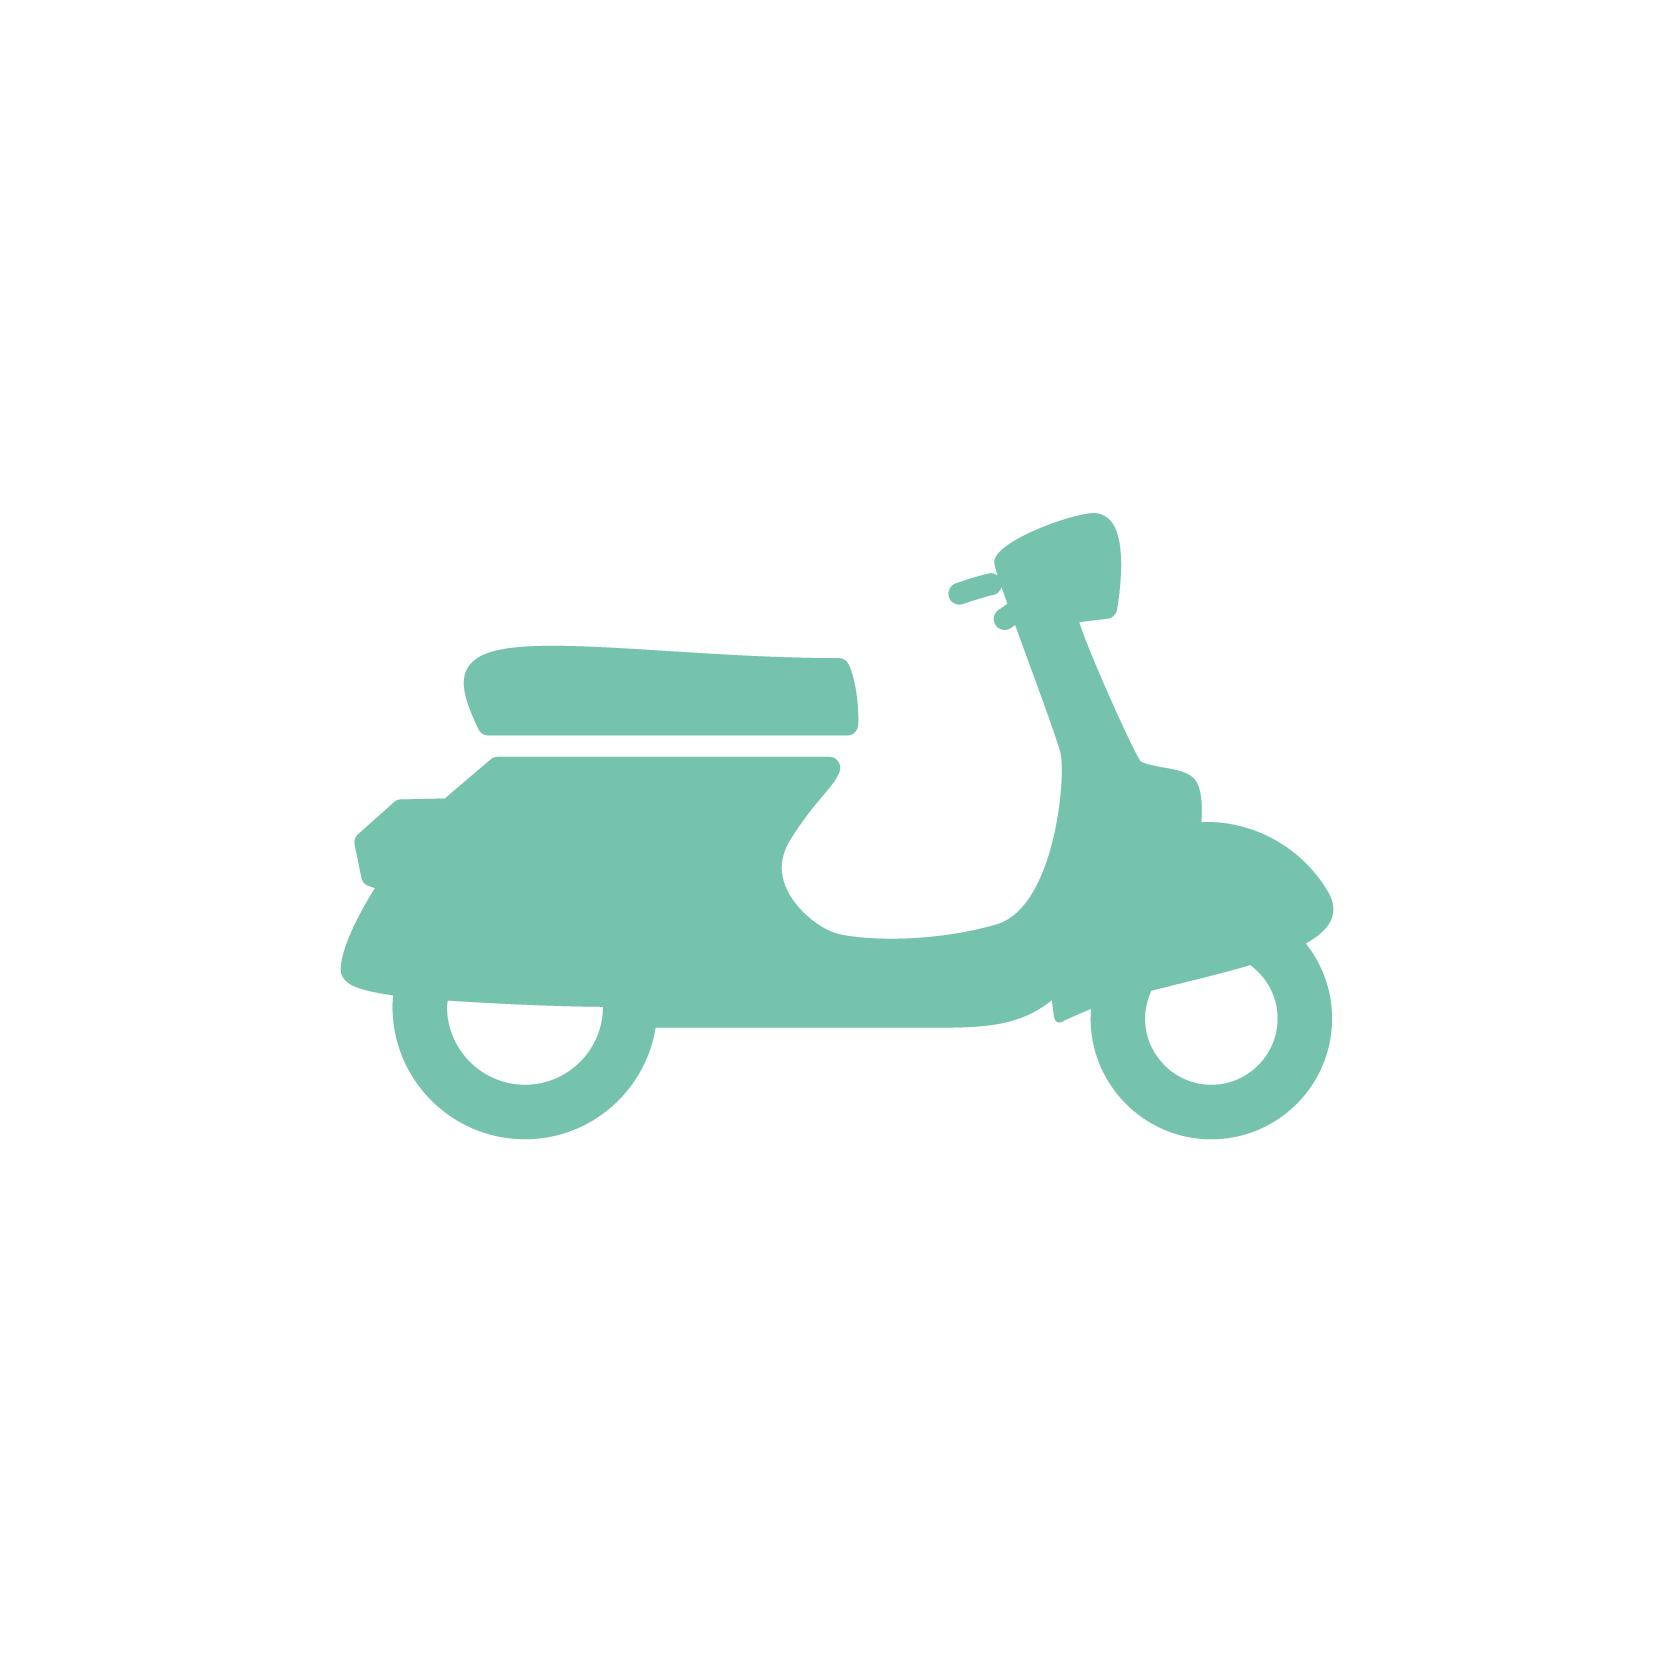 Serviceersatzfahrzeug